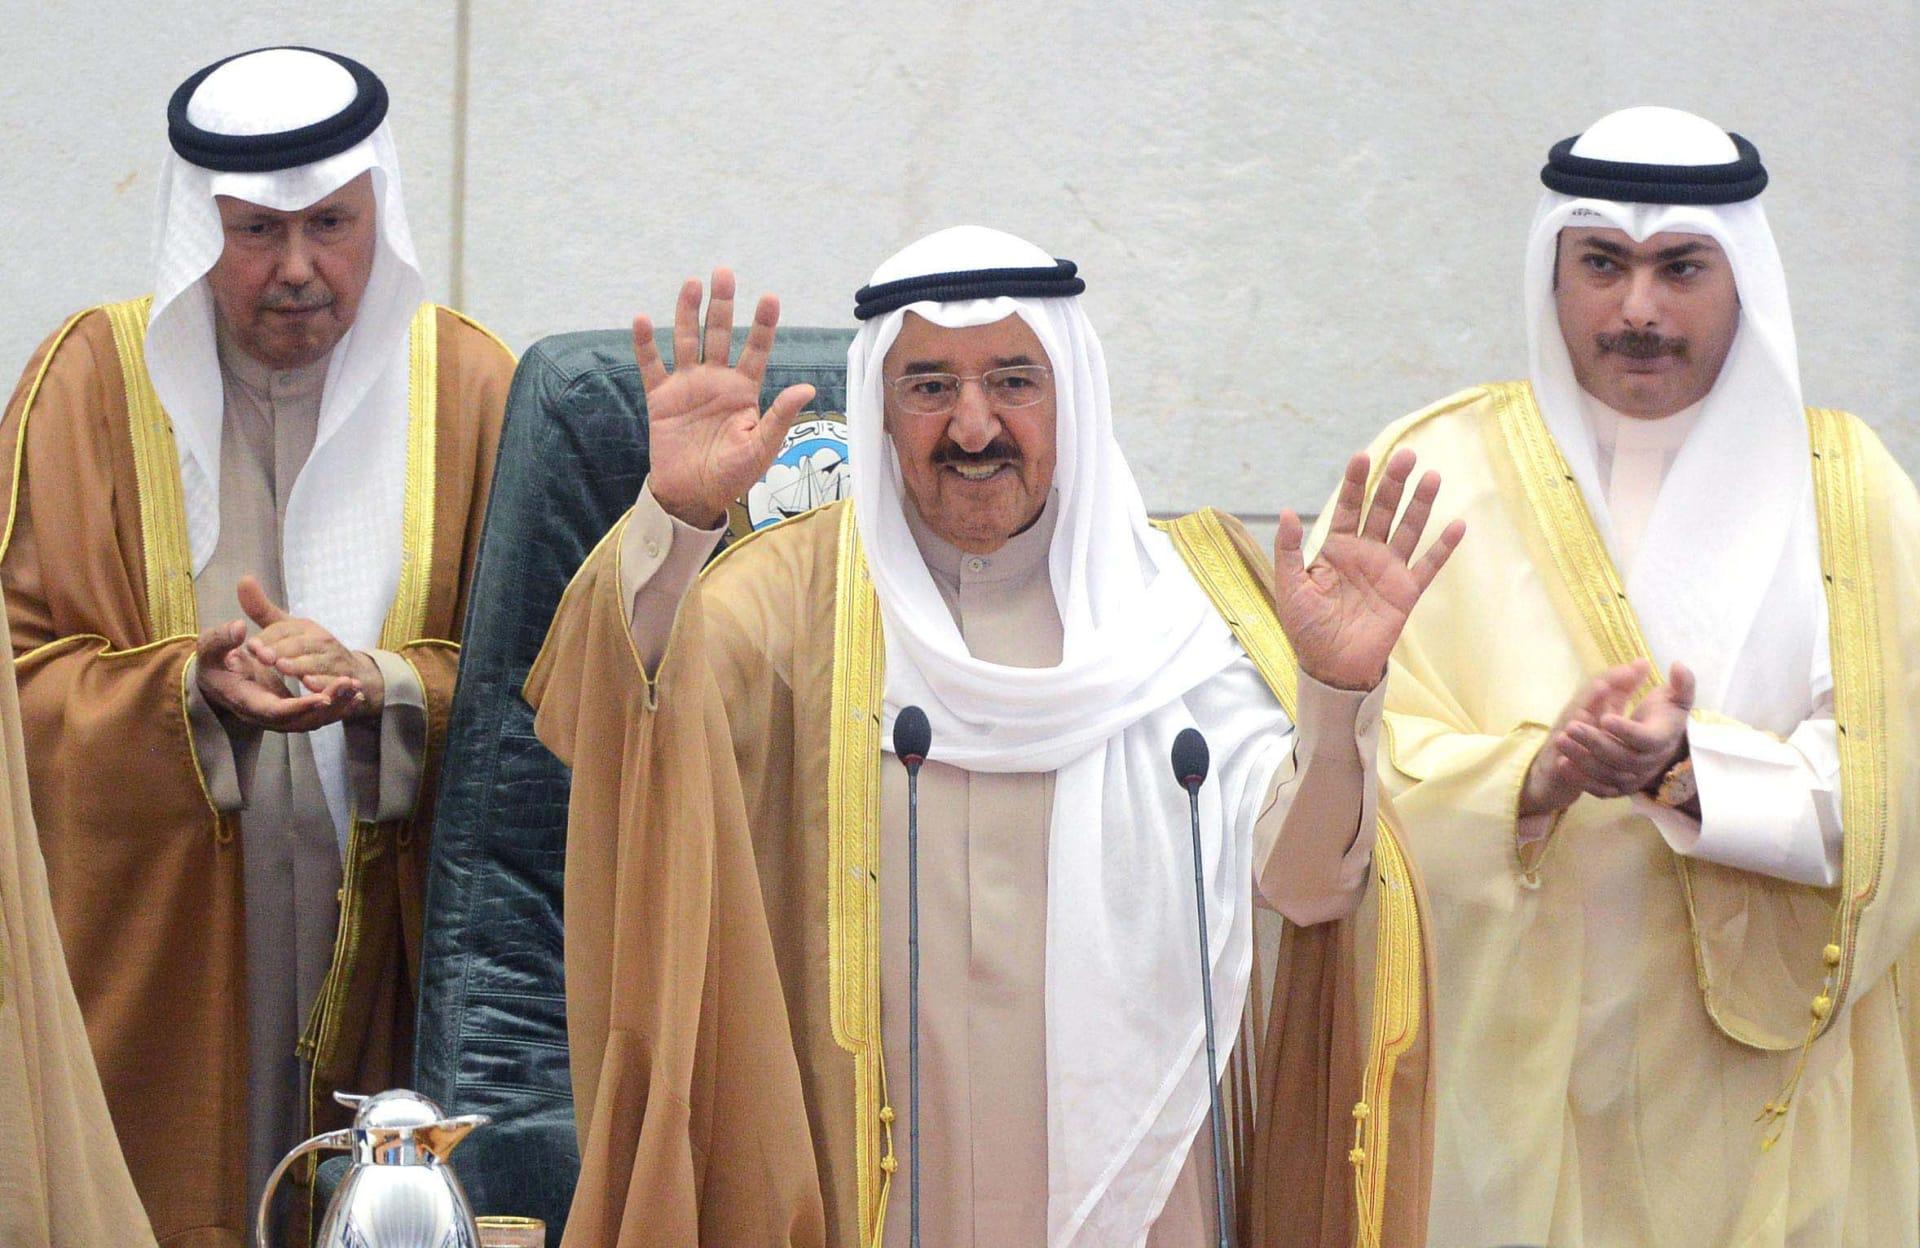 بكلمات مؤثرة.. مرزوق الغانم ينعى الشيخ صباح الأحمد الجابر الصباح: عاجز عن تصور أنني لن ألتقيك مجددا